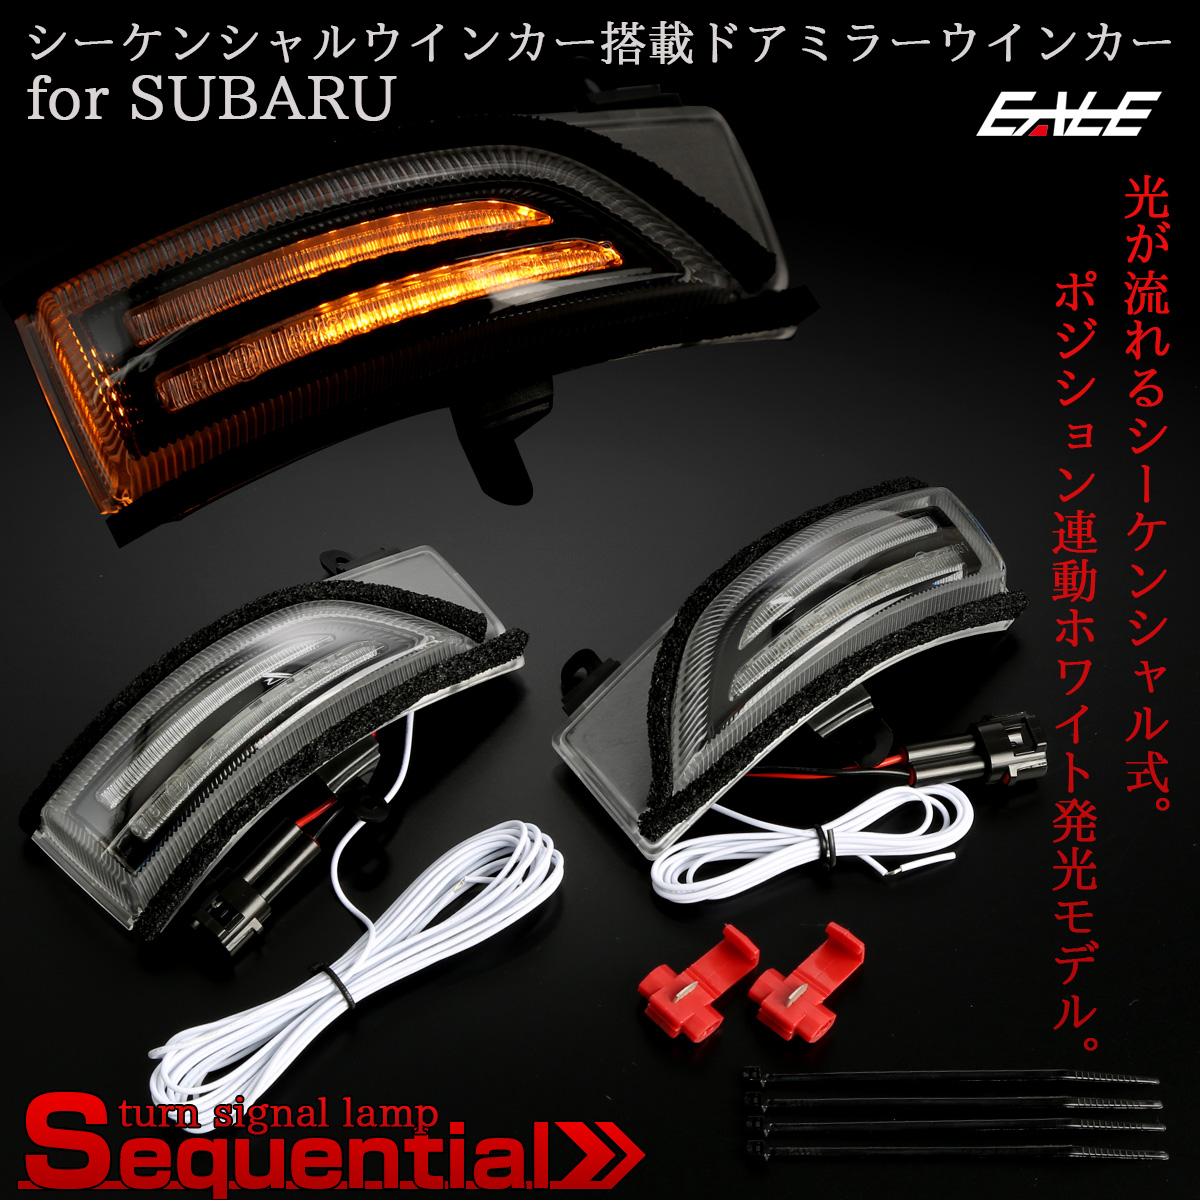 スバル LED シーケンシャル ドアミラー ウインカー SJ5 SJG フォレスター YA5 YAM エクシーガ BN系 BS系 レガシィ クリア F-562